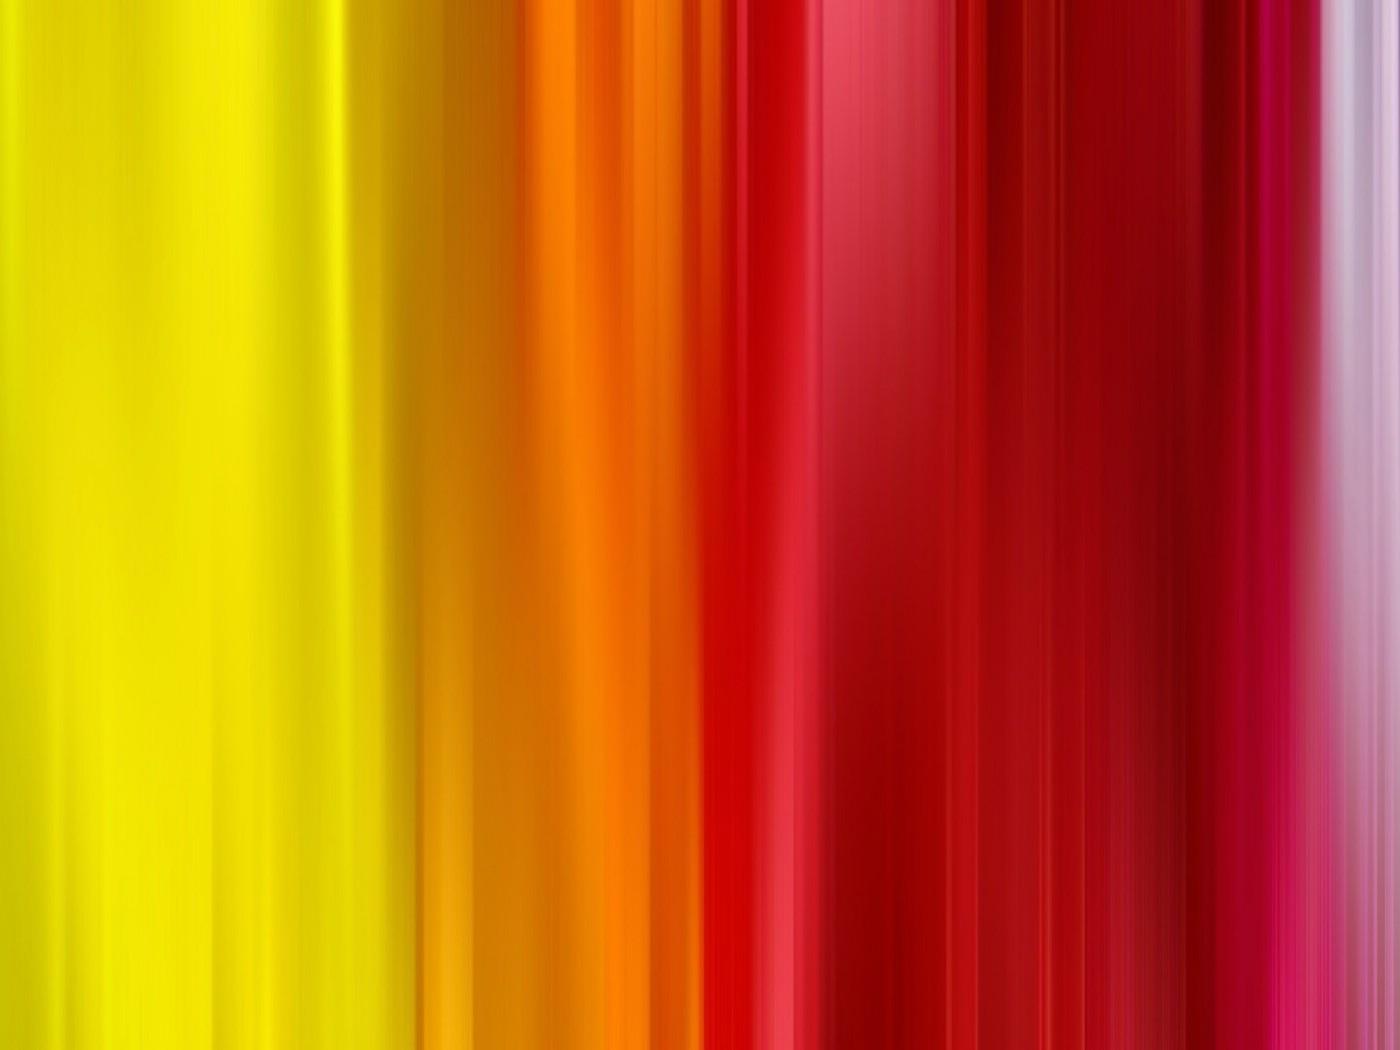 抽象色彩背景图片